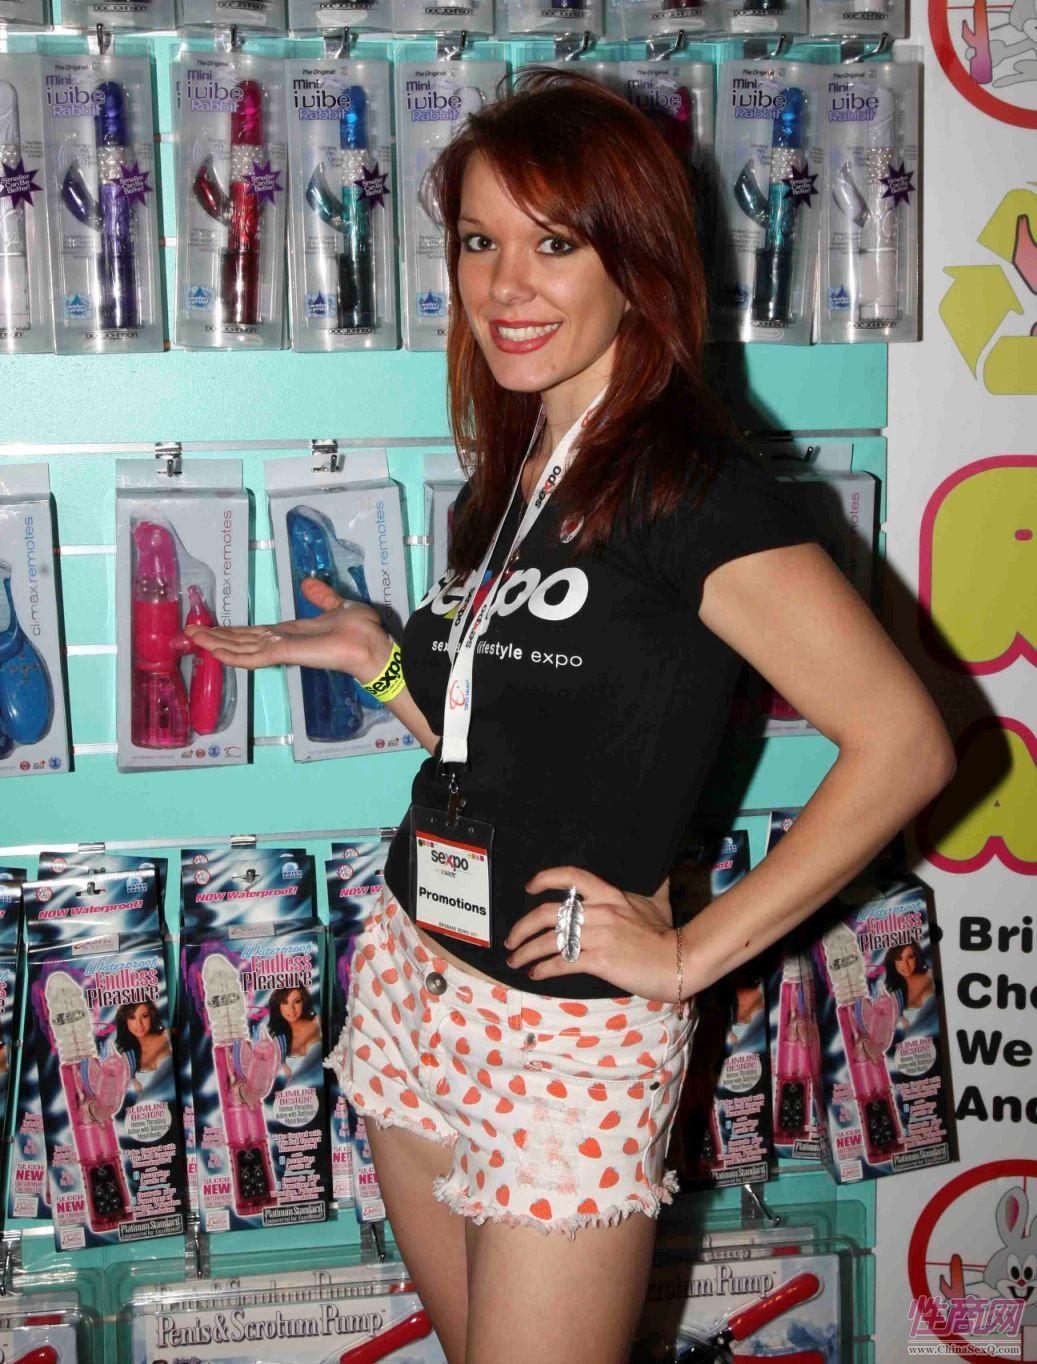 2011澳大利亚布里斯班成人展性感模特图片1